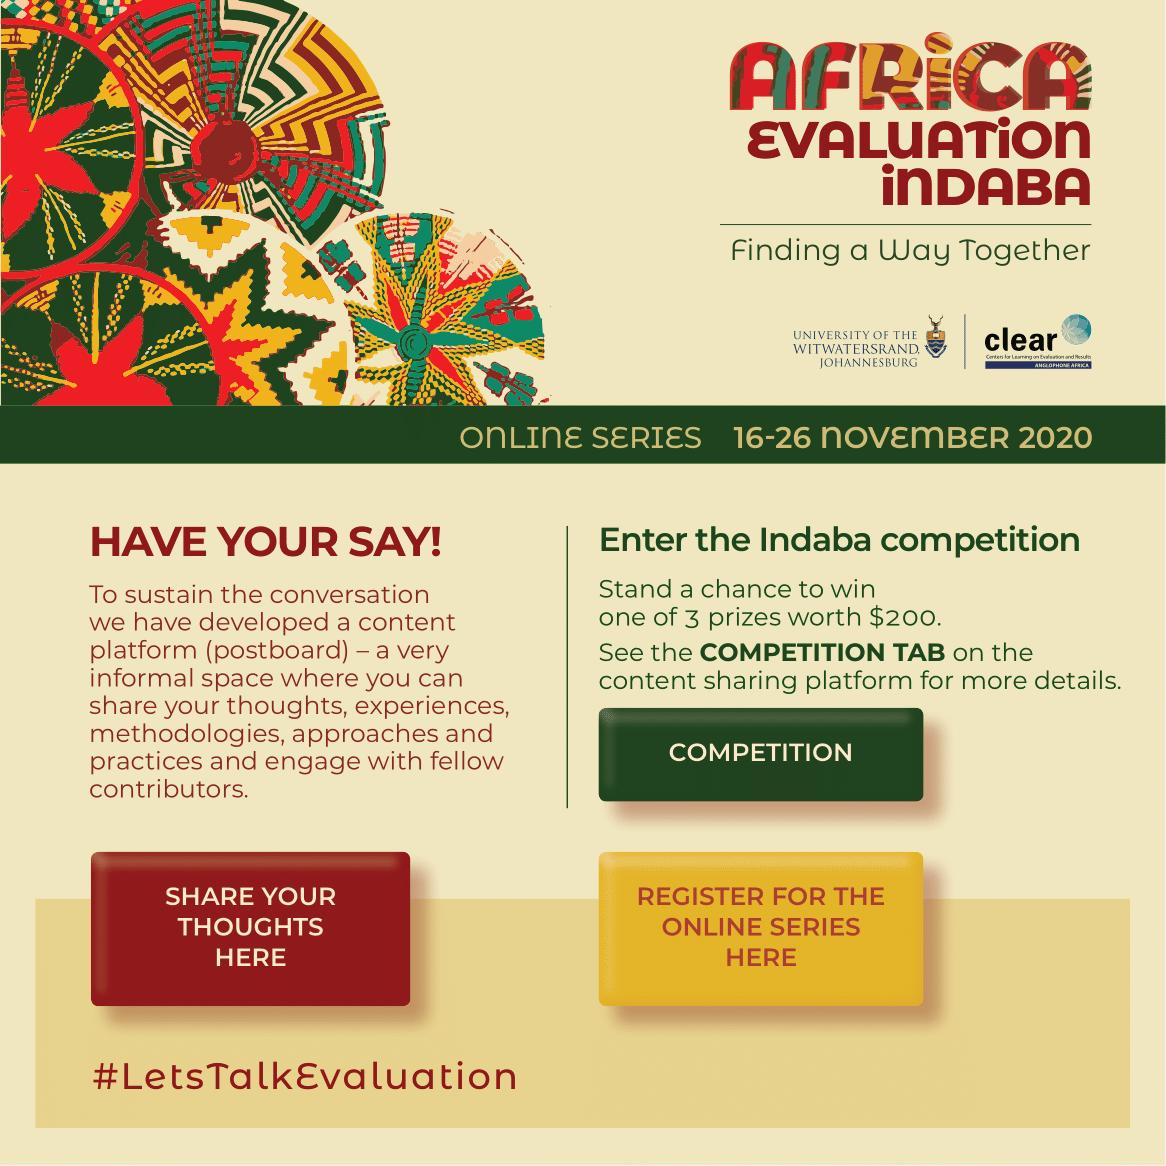 Africa Evaluation Indaba